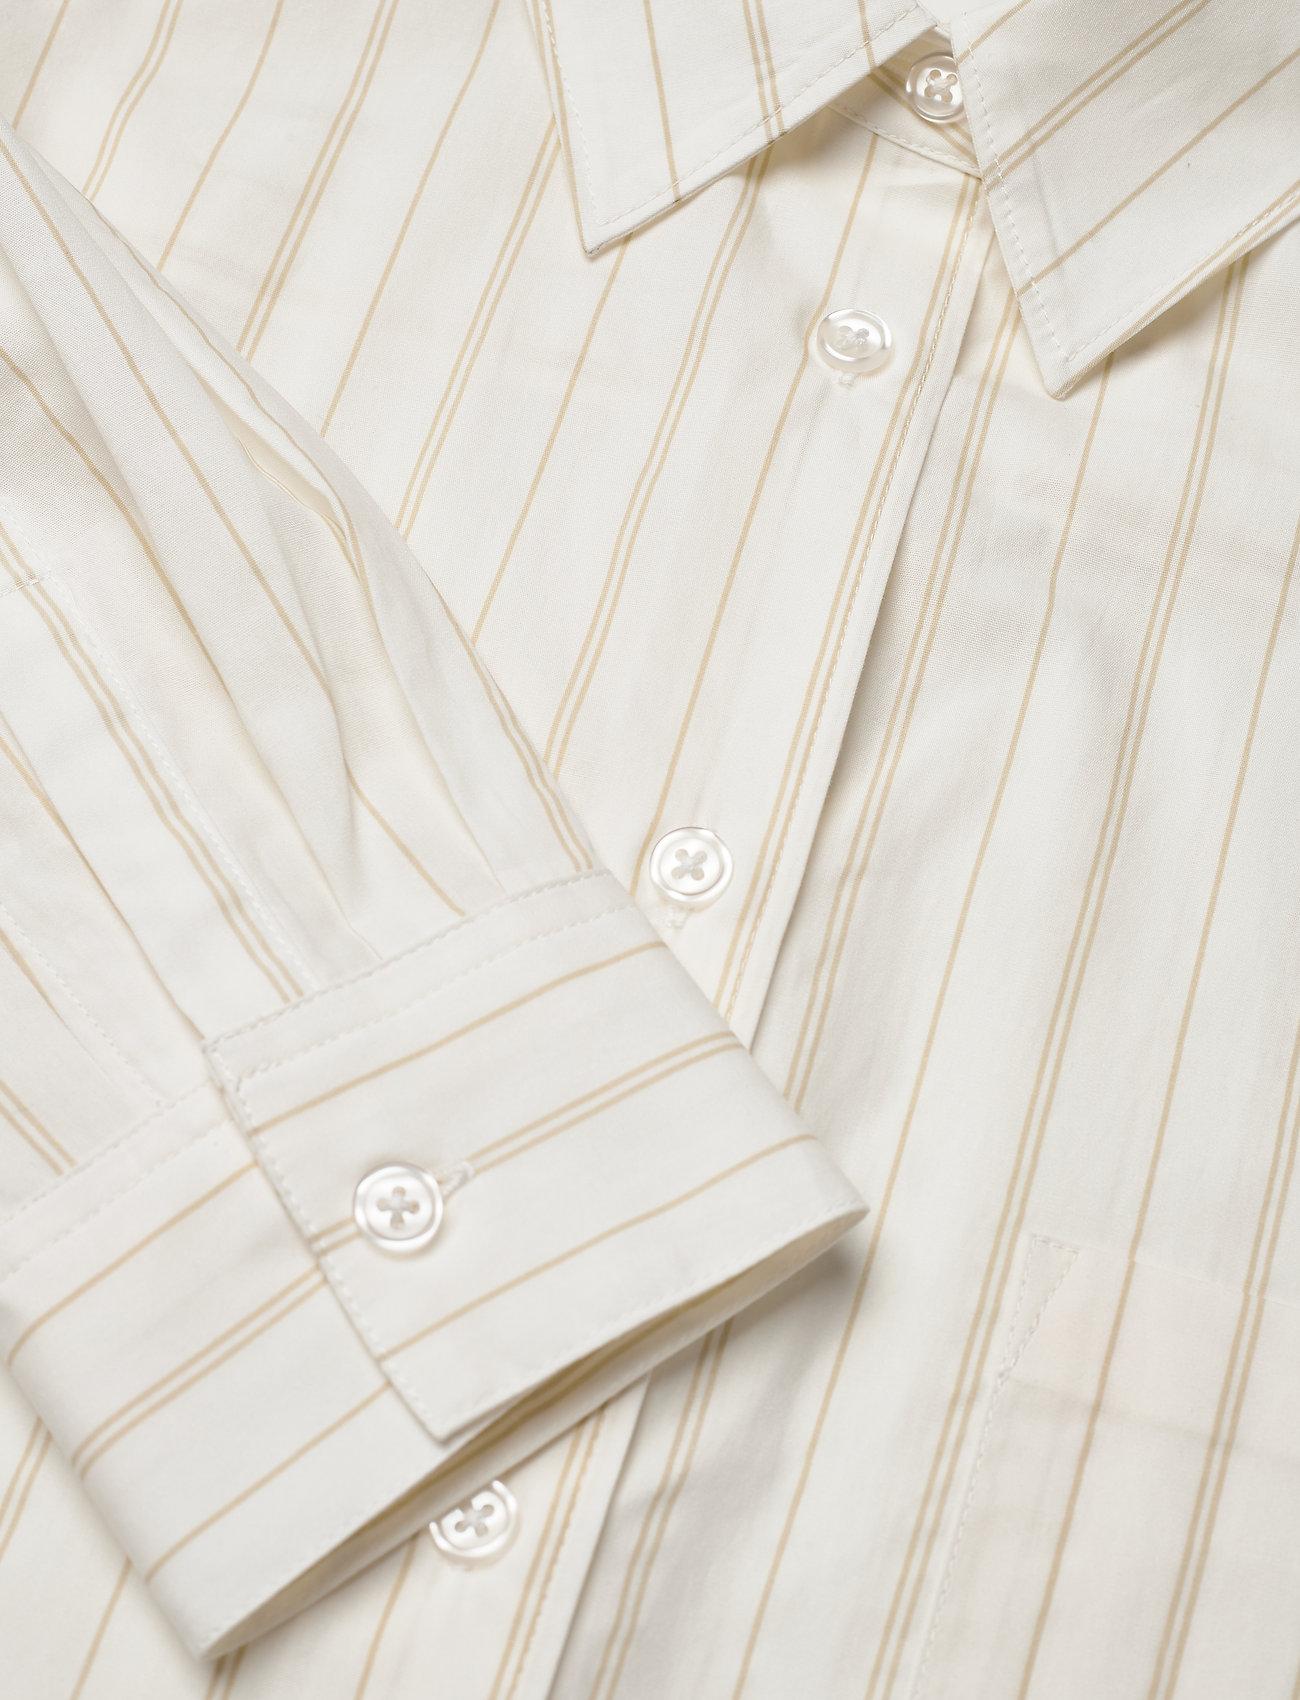 Tiger of Sweden Jeans CADET STR - Kjoler WHITE - Dameklær Spesialtilbud